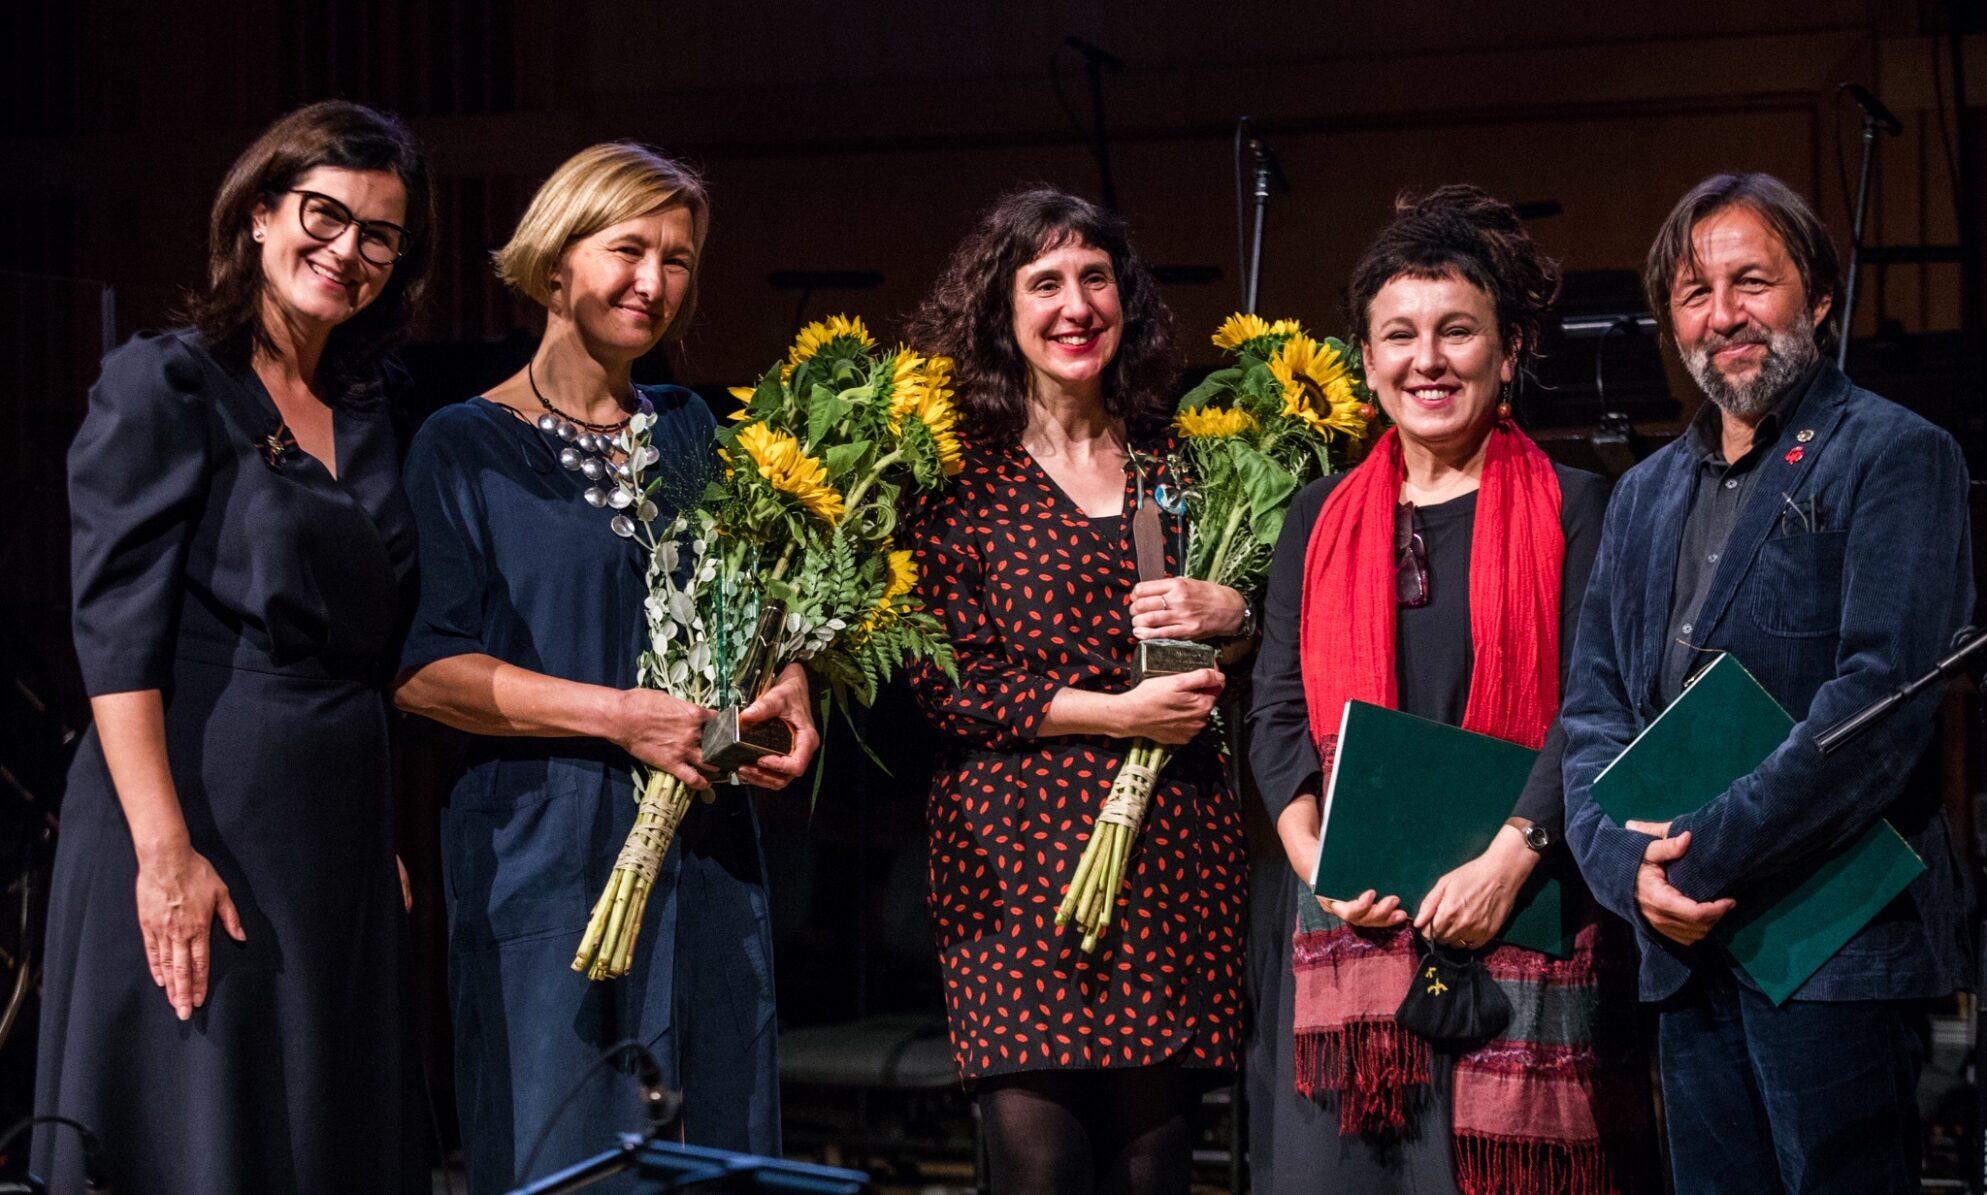 Sinéad Morrissey Europejską Poetką Wolności 2020. Gala z wręczenia nagrody z operą w tle